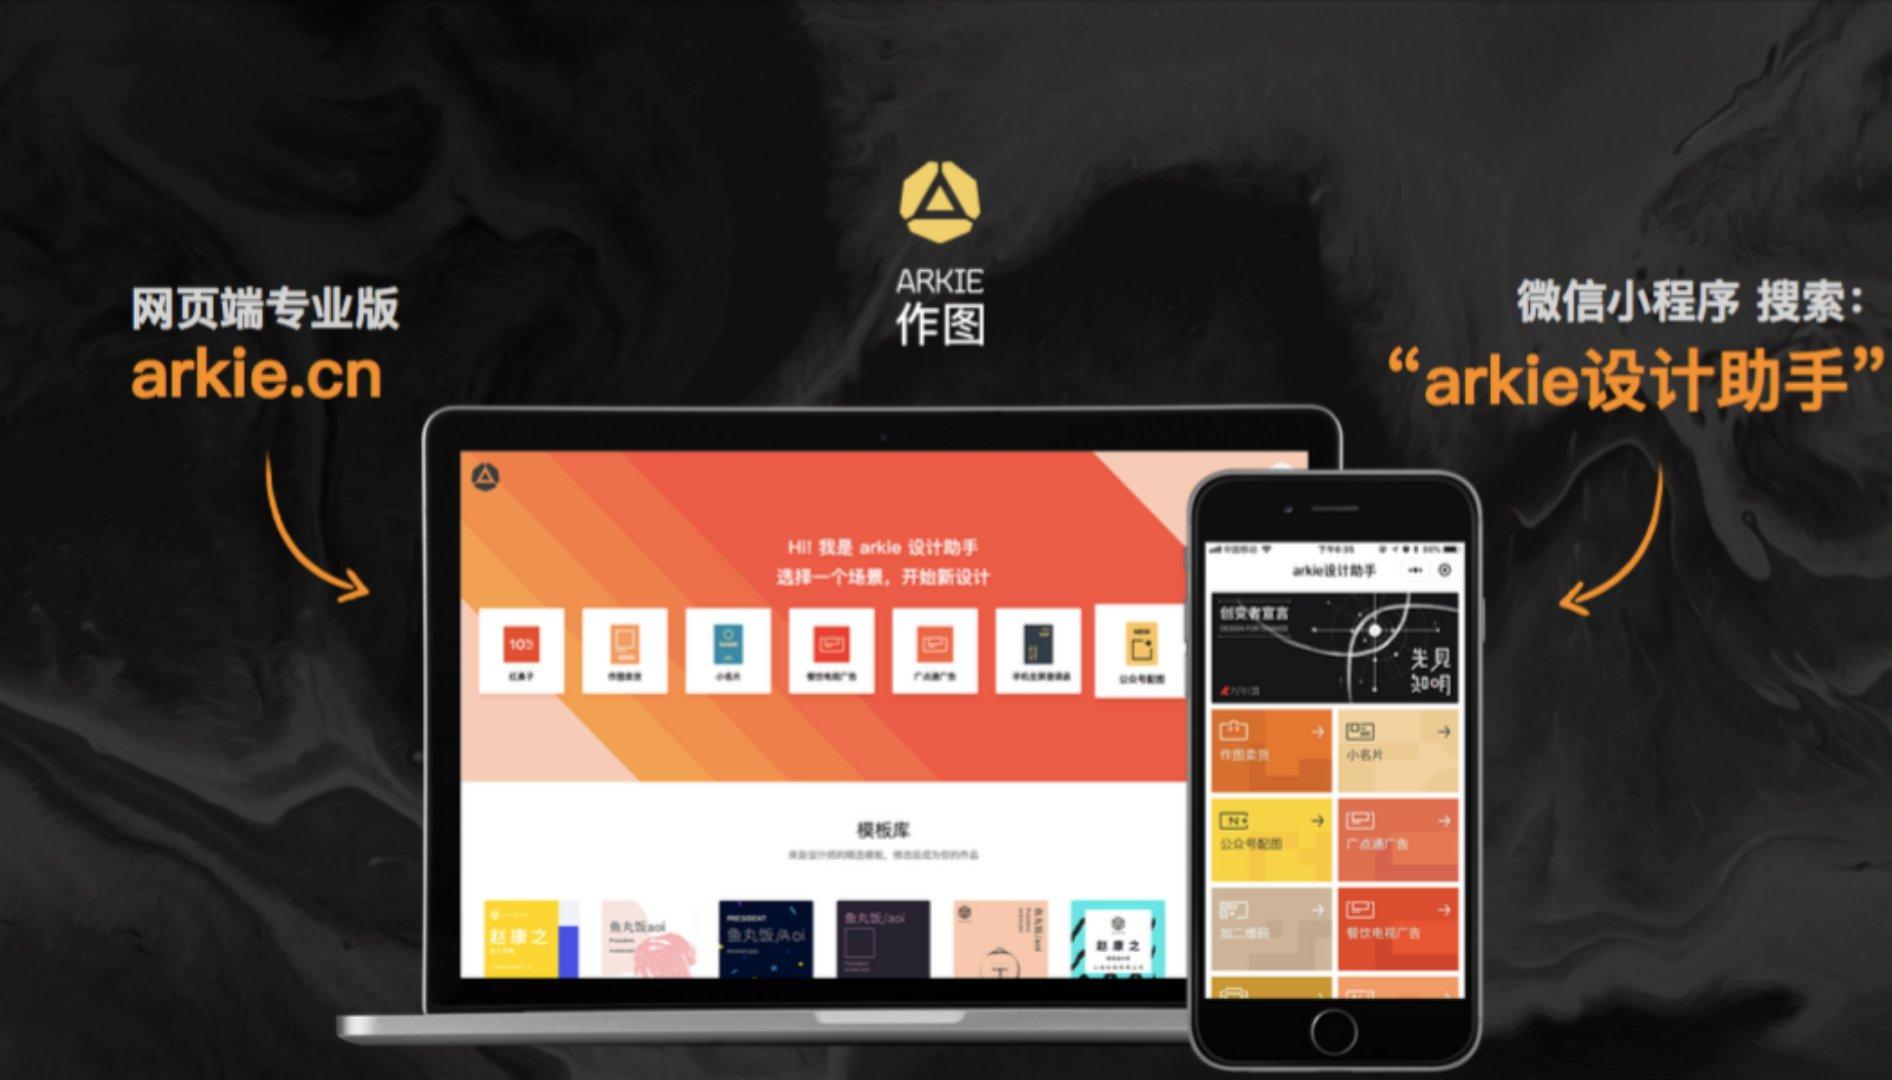 ARIKE工具批发销售价格